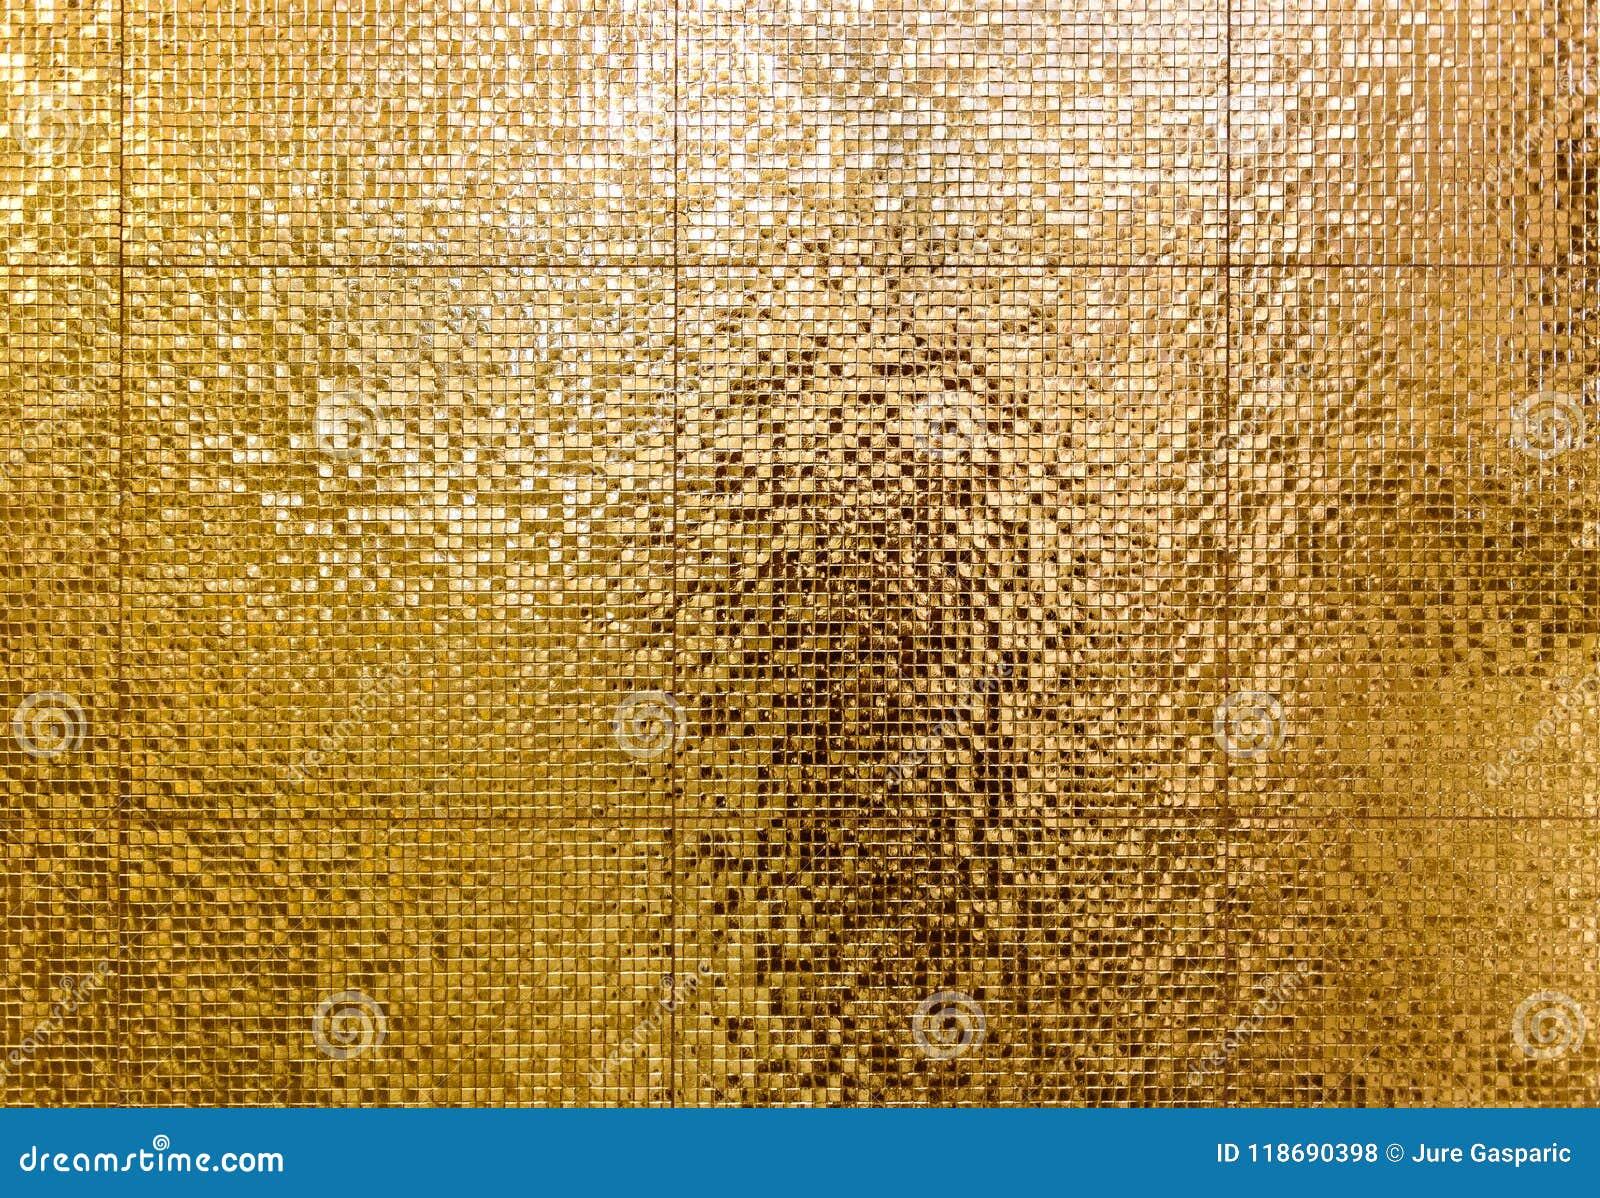 Gouden Mozaiek Tegels : Gouden mozaïek voorraadbeelden download royalty vrije foto s